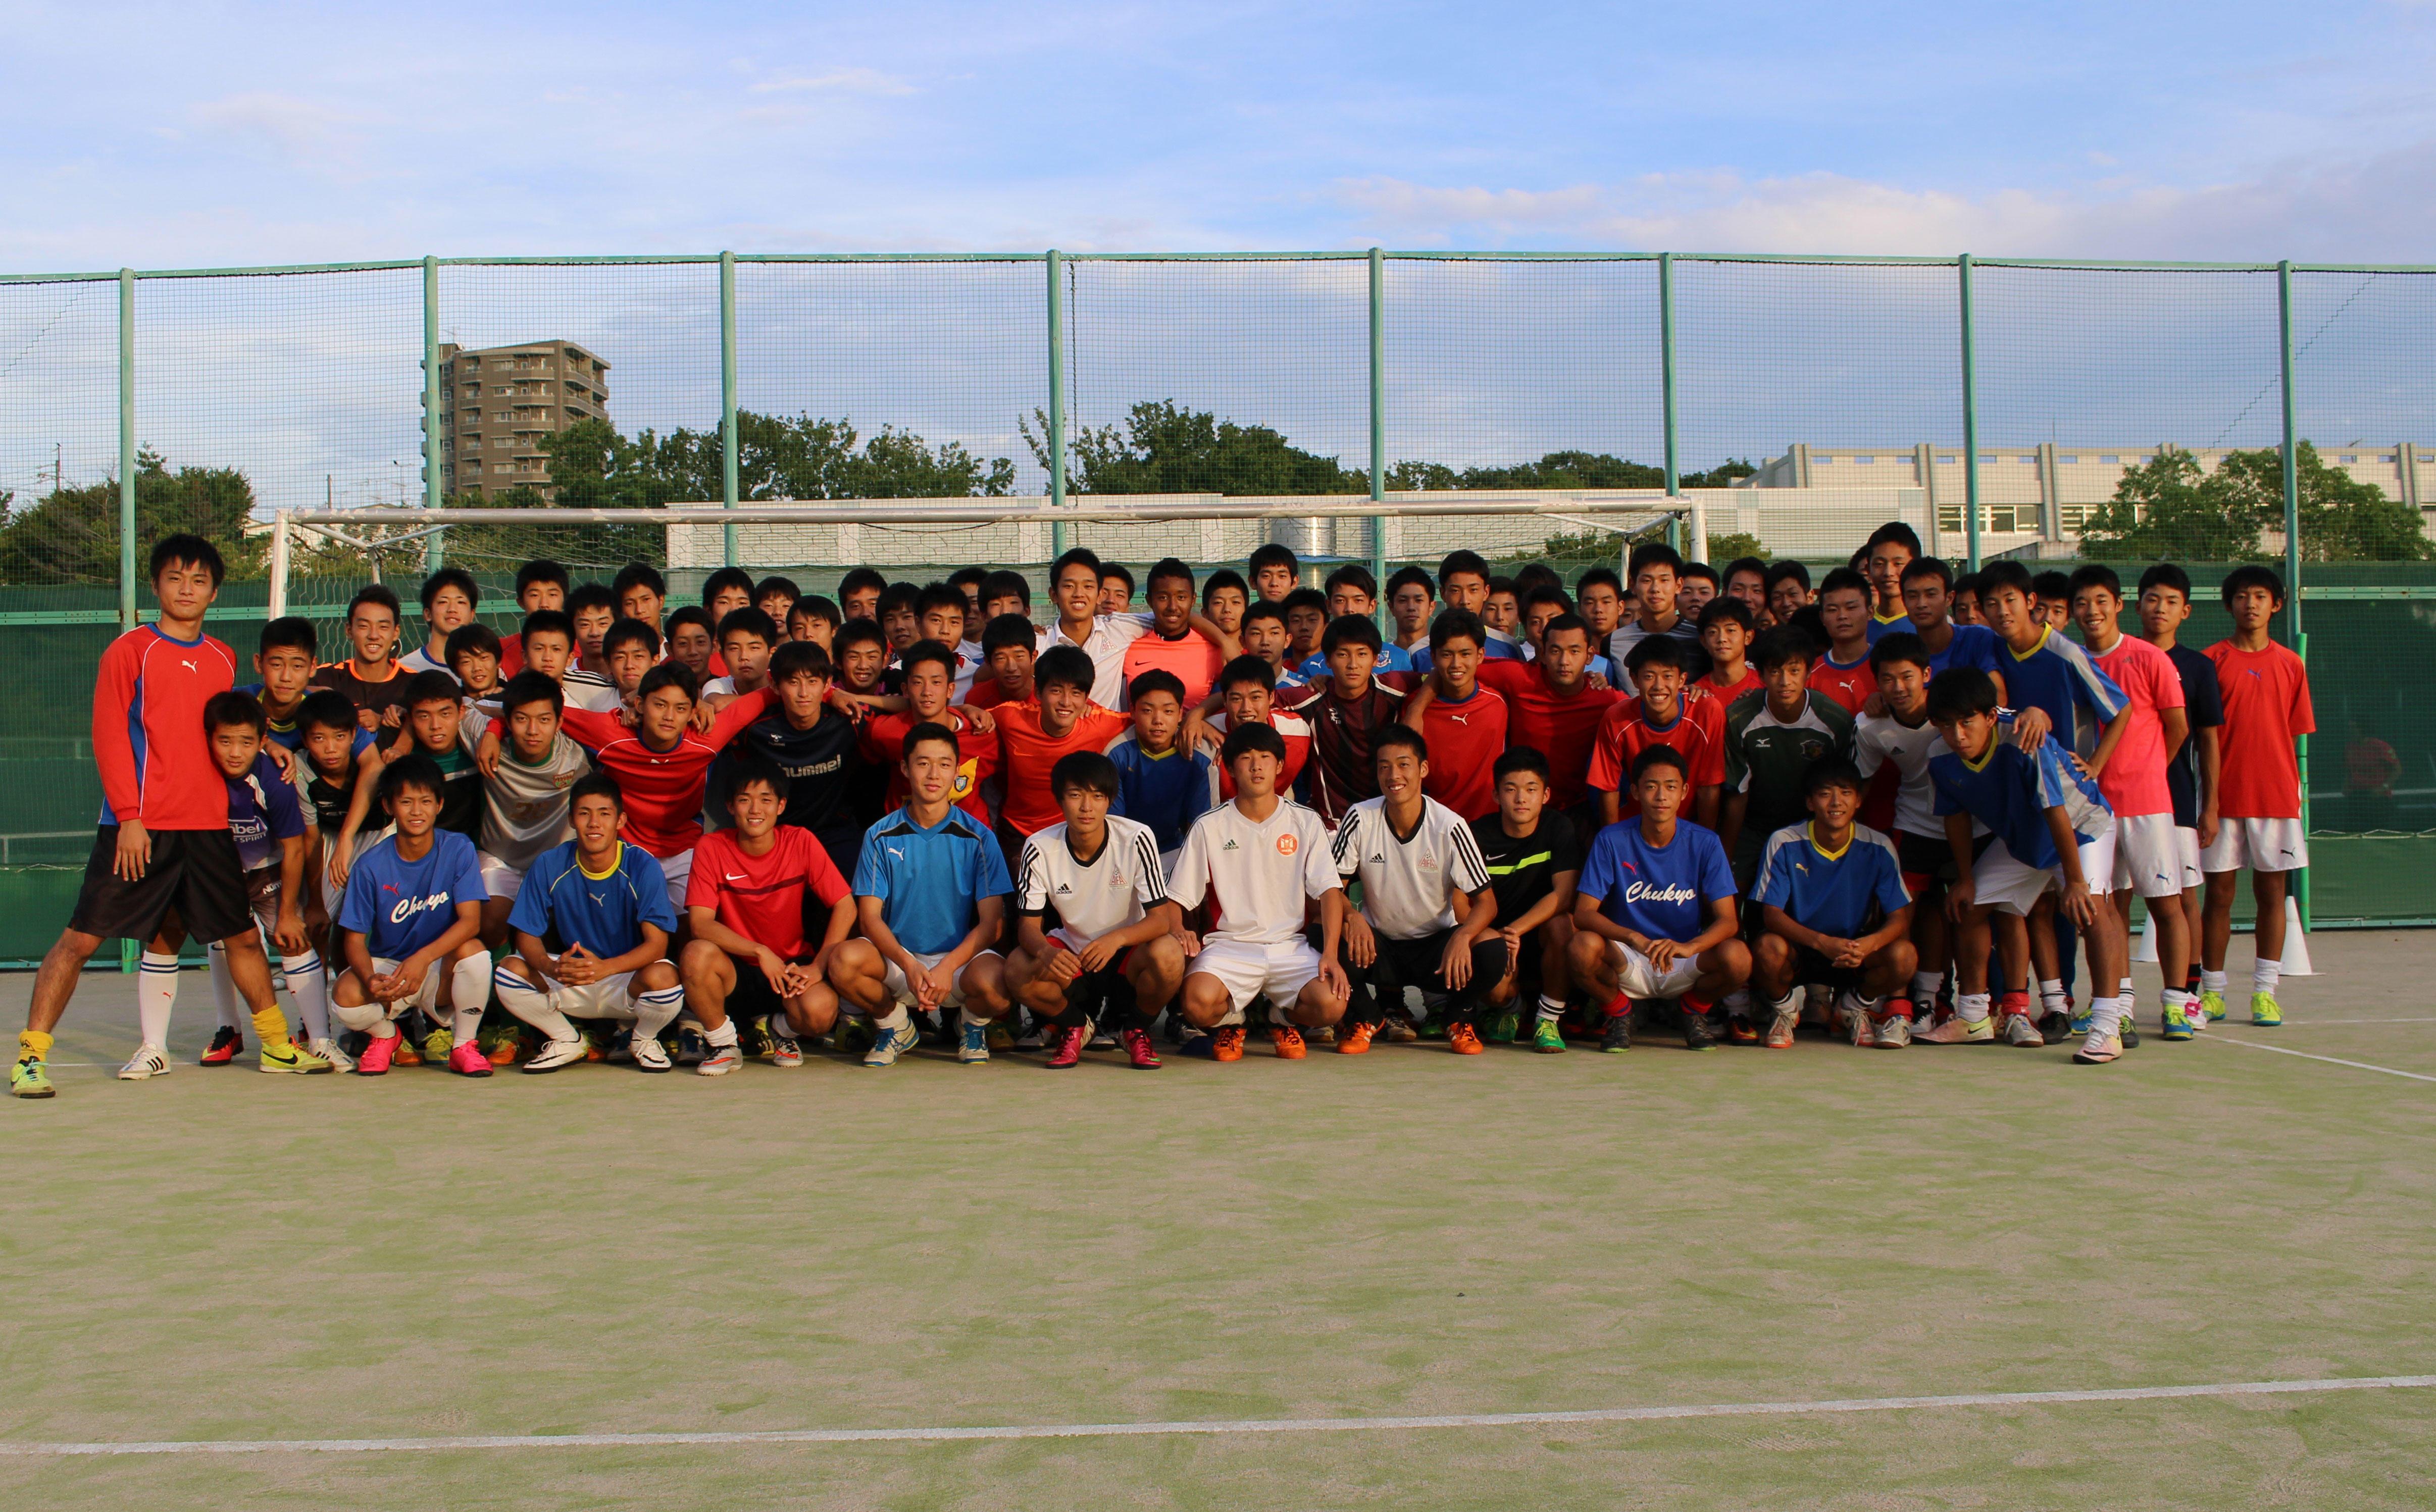 中京大中京高校サッカー部あるある「練習グラウンドでスパイクが履けない」